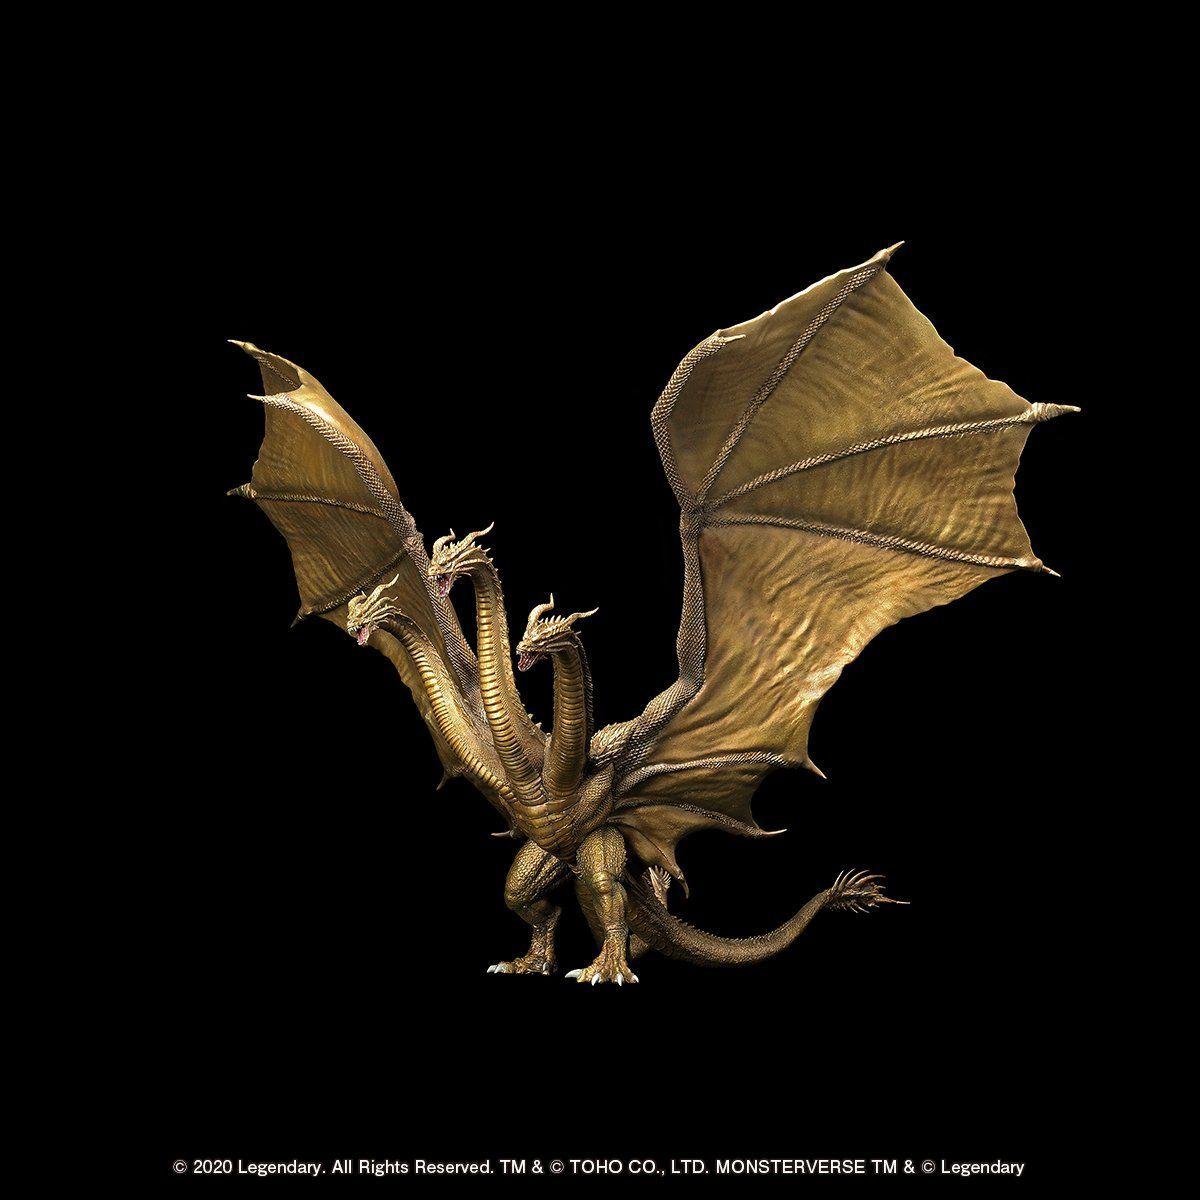 超激造シリーズ『キングギドラ(2019)』ゴジラ キング・オブ・モンスターズ 完成品フィギュア-008